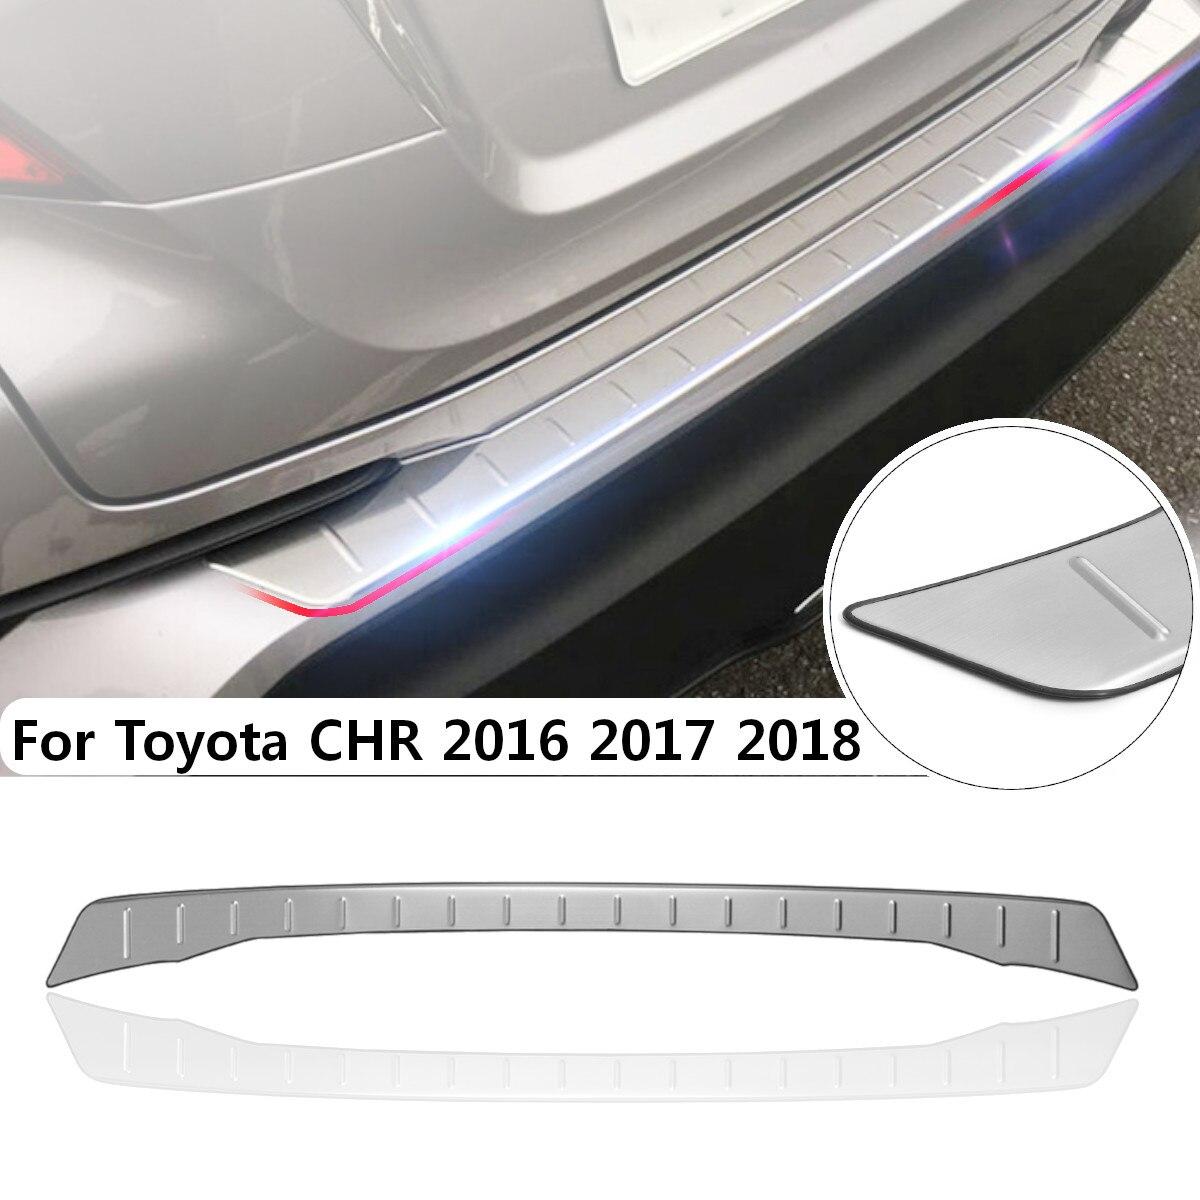 스테인레스 스틸 뒷 트렁크 패드 휠 펜더 백 플레이트 보호 가드 플레이트 트림 도요타 chr 2016 2017 2018